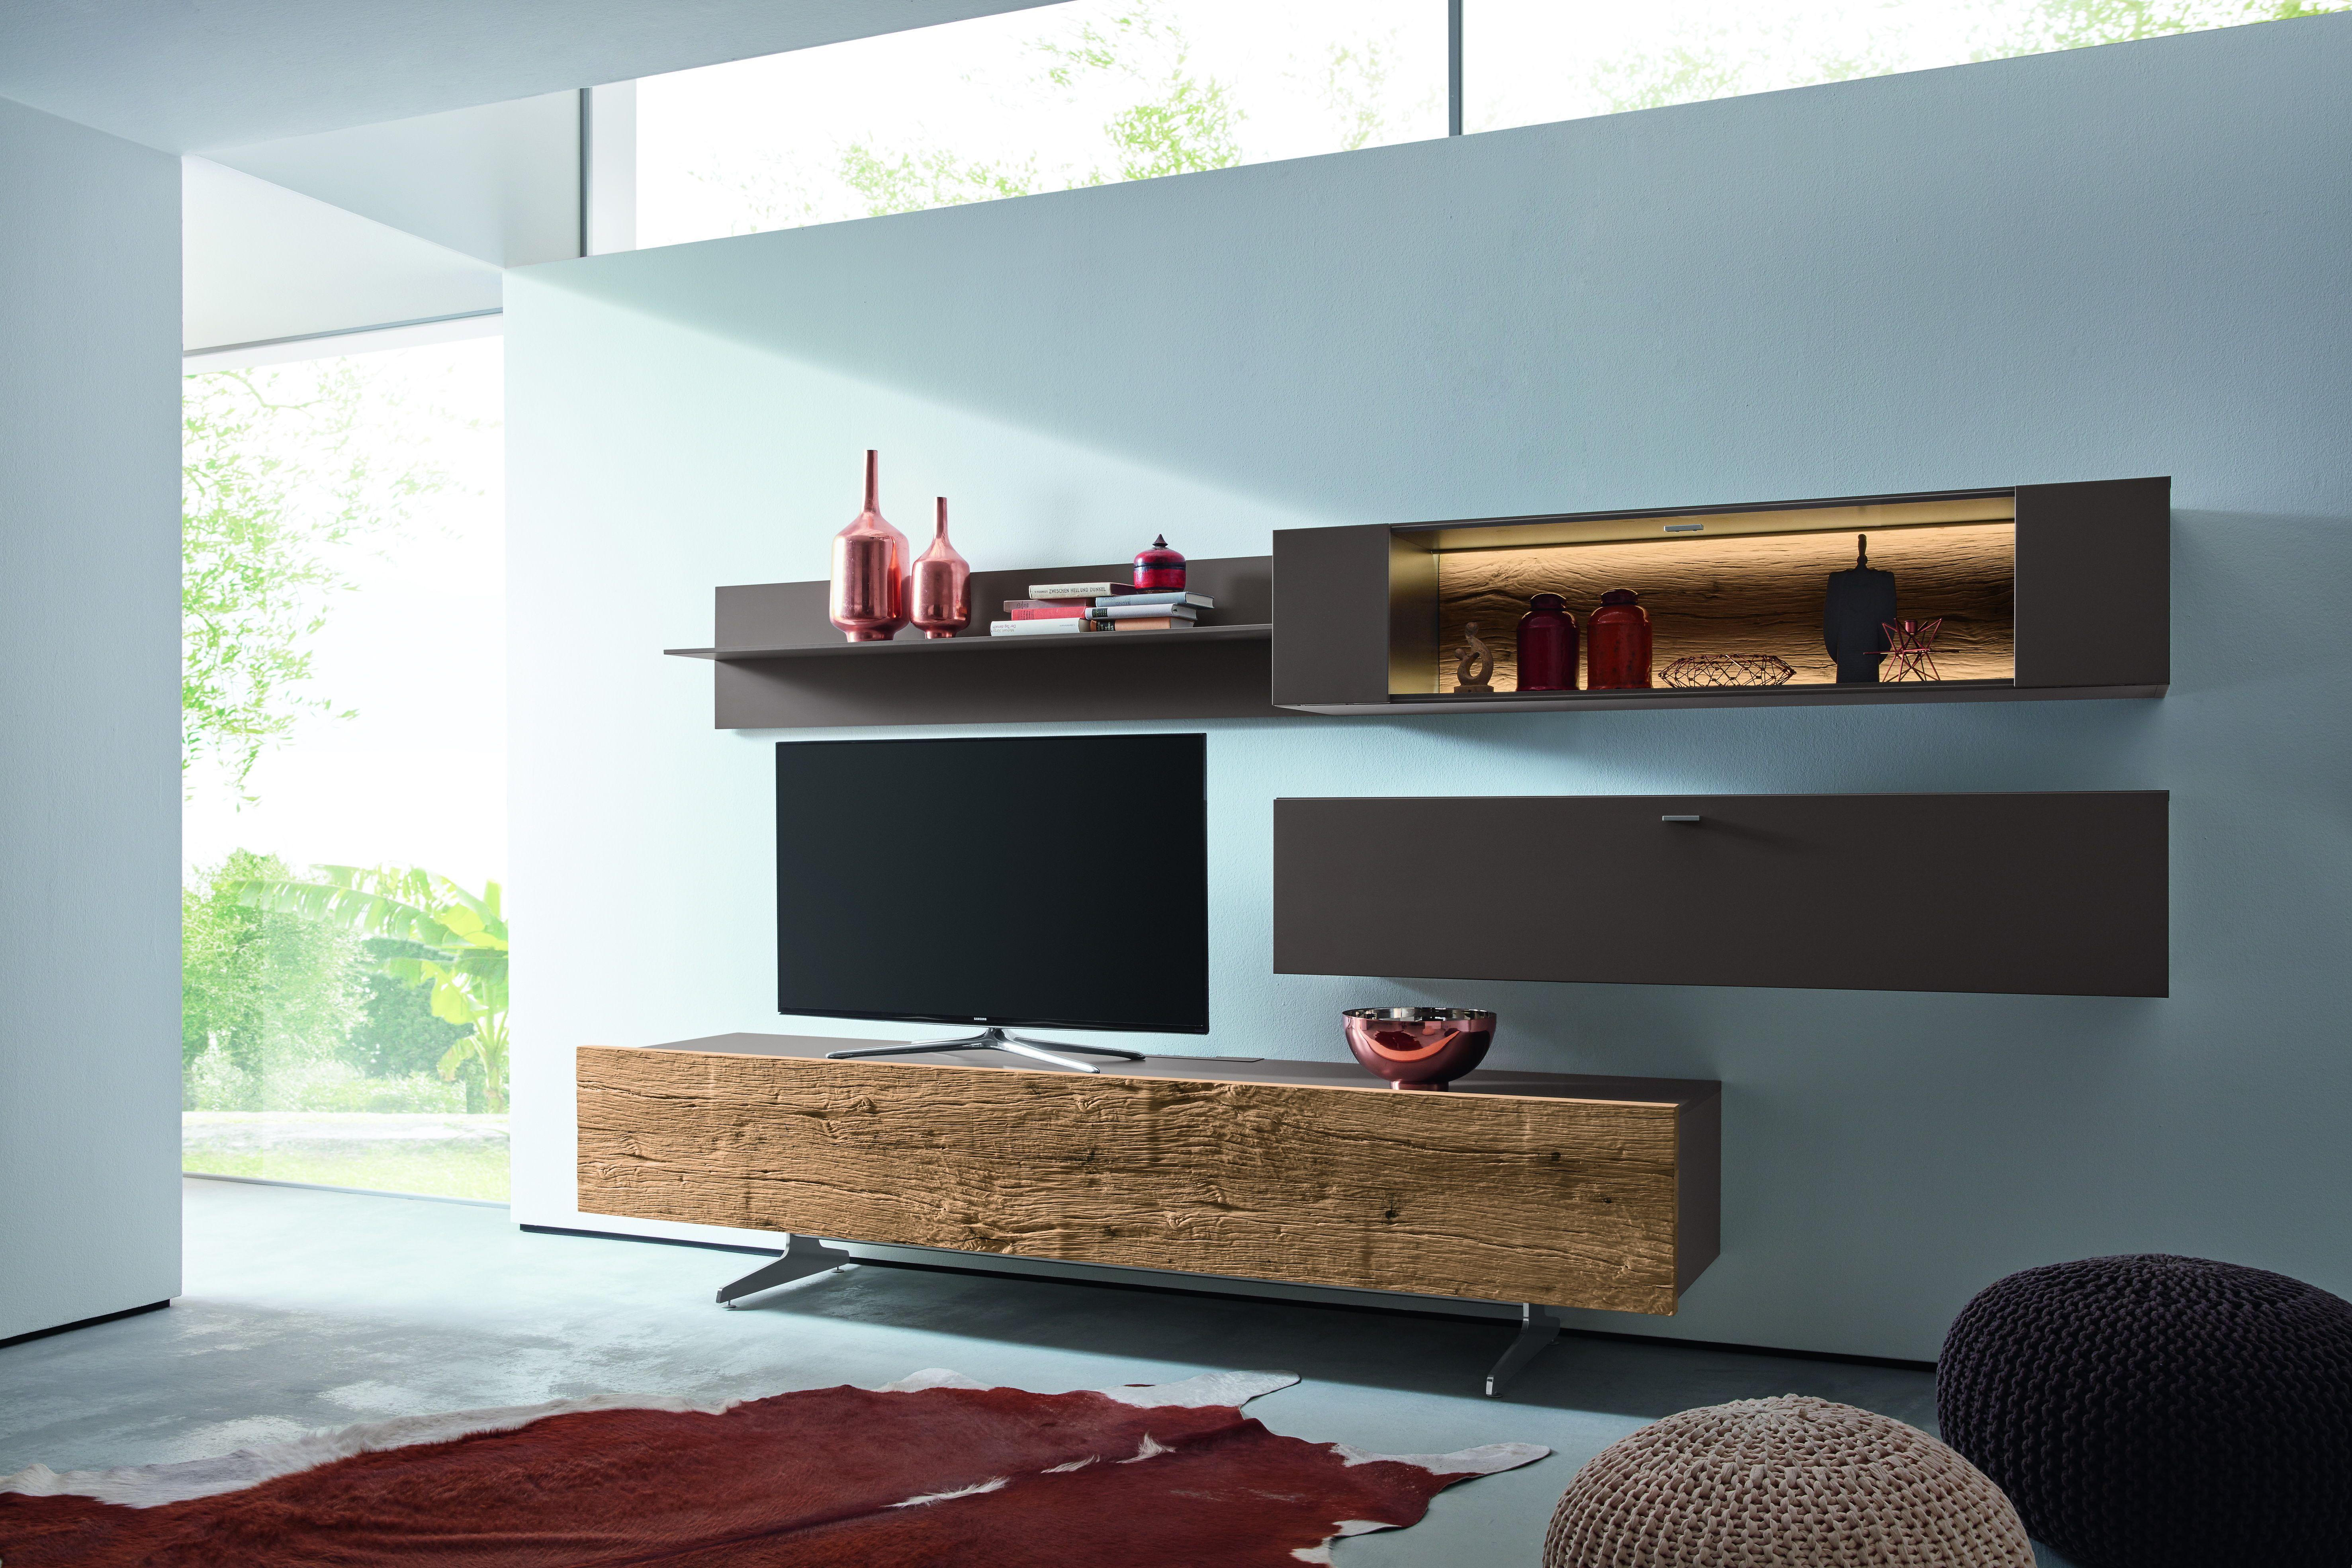 #möbel #madeingermany #furniture #gwinner #wohndesign #design #wohnzimmer  #livingroom #wallunit #wohnwand #inneneinrichtung #livingtrends #wohnideu2026